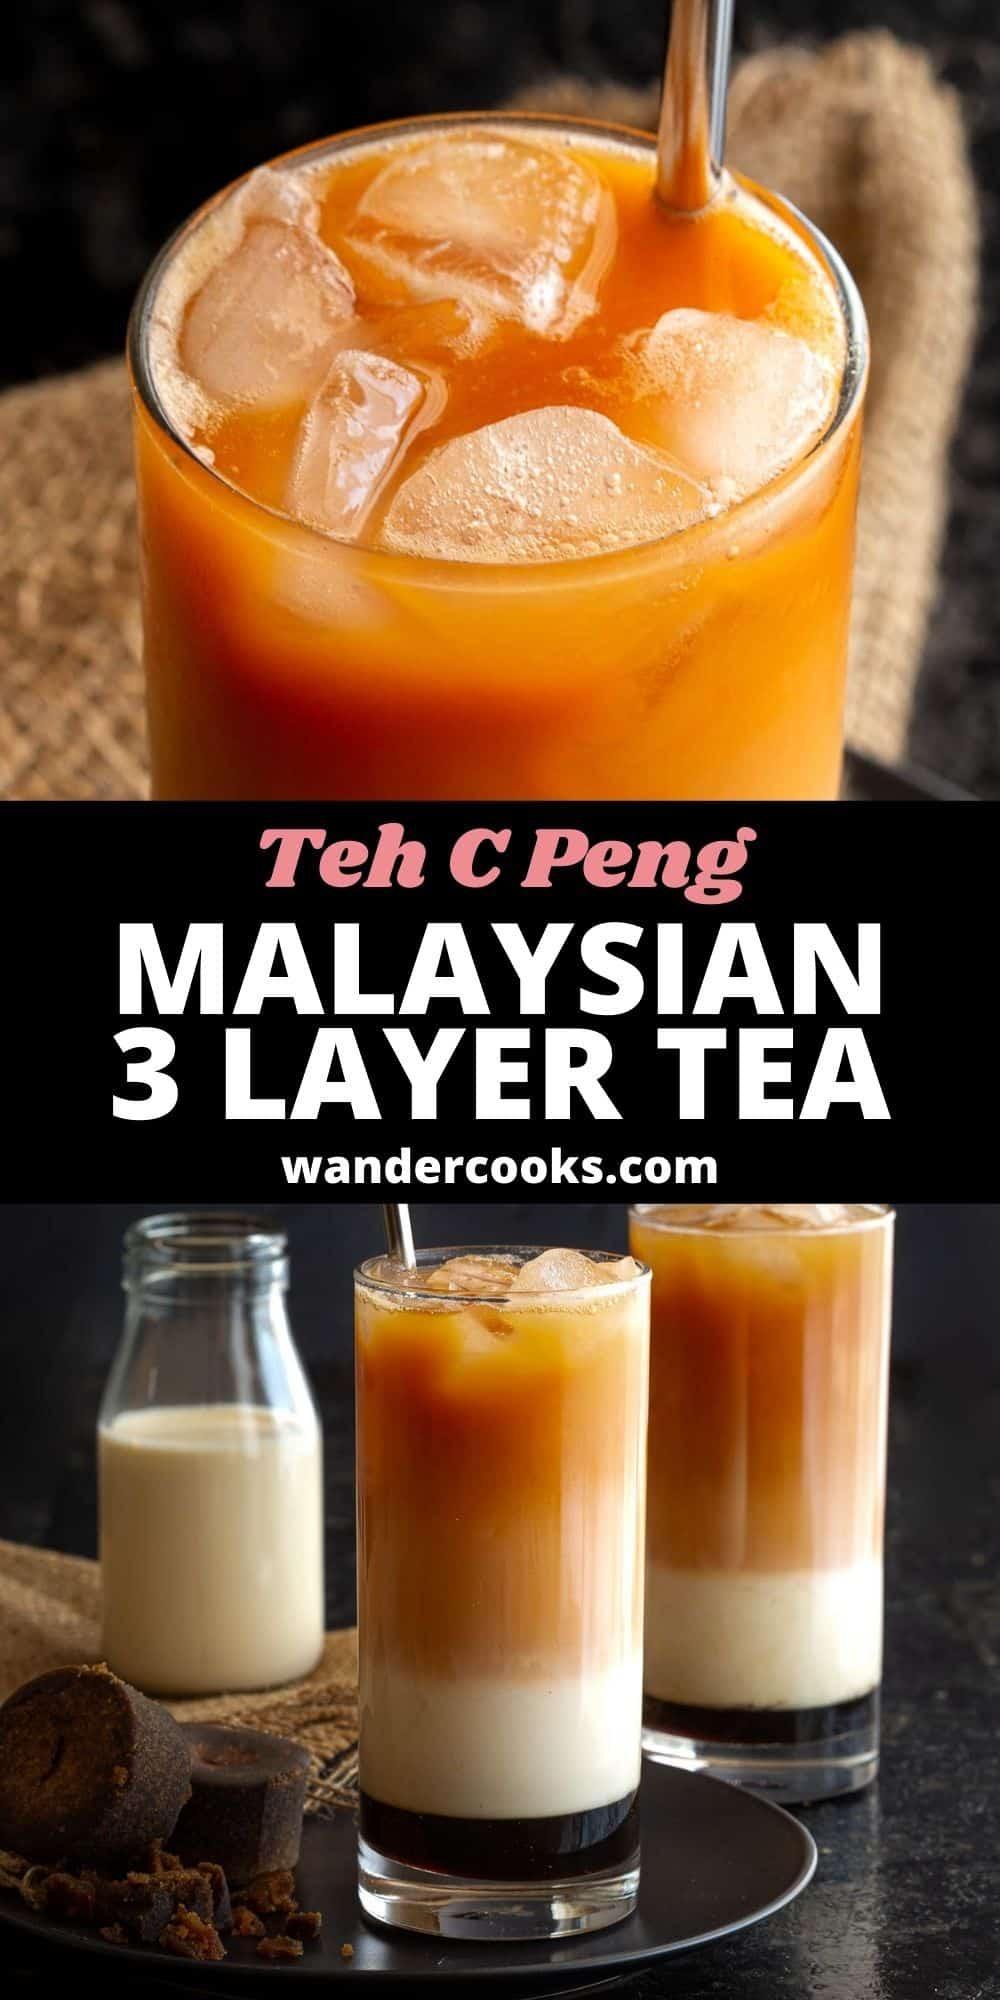 Malaysian 3 Layer Tea - Teh C Peng Special